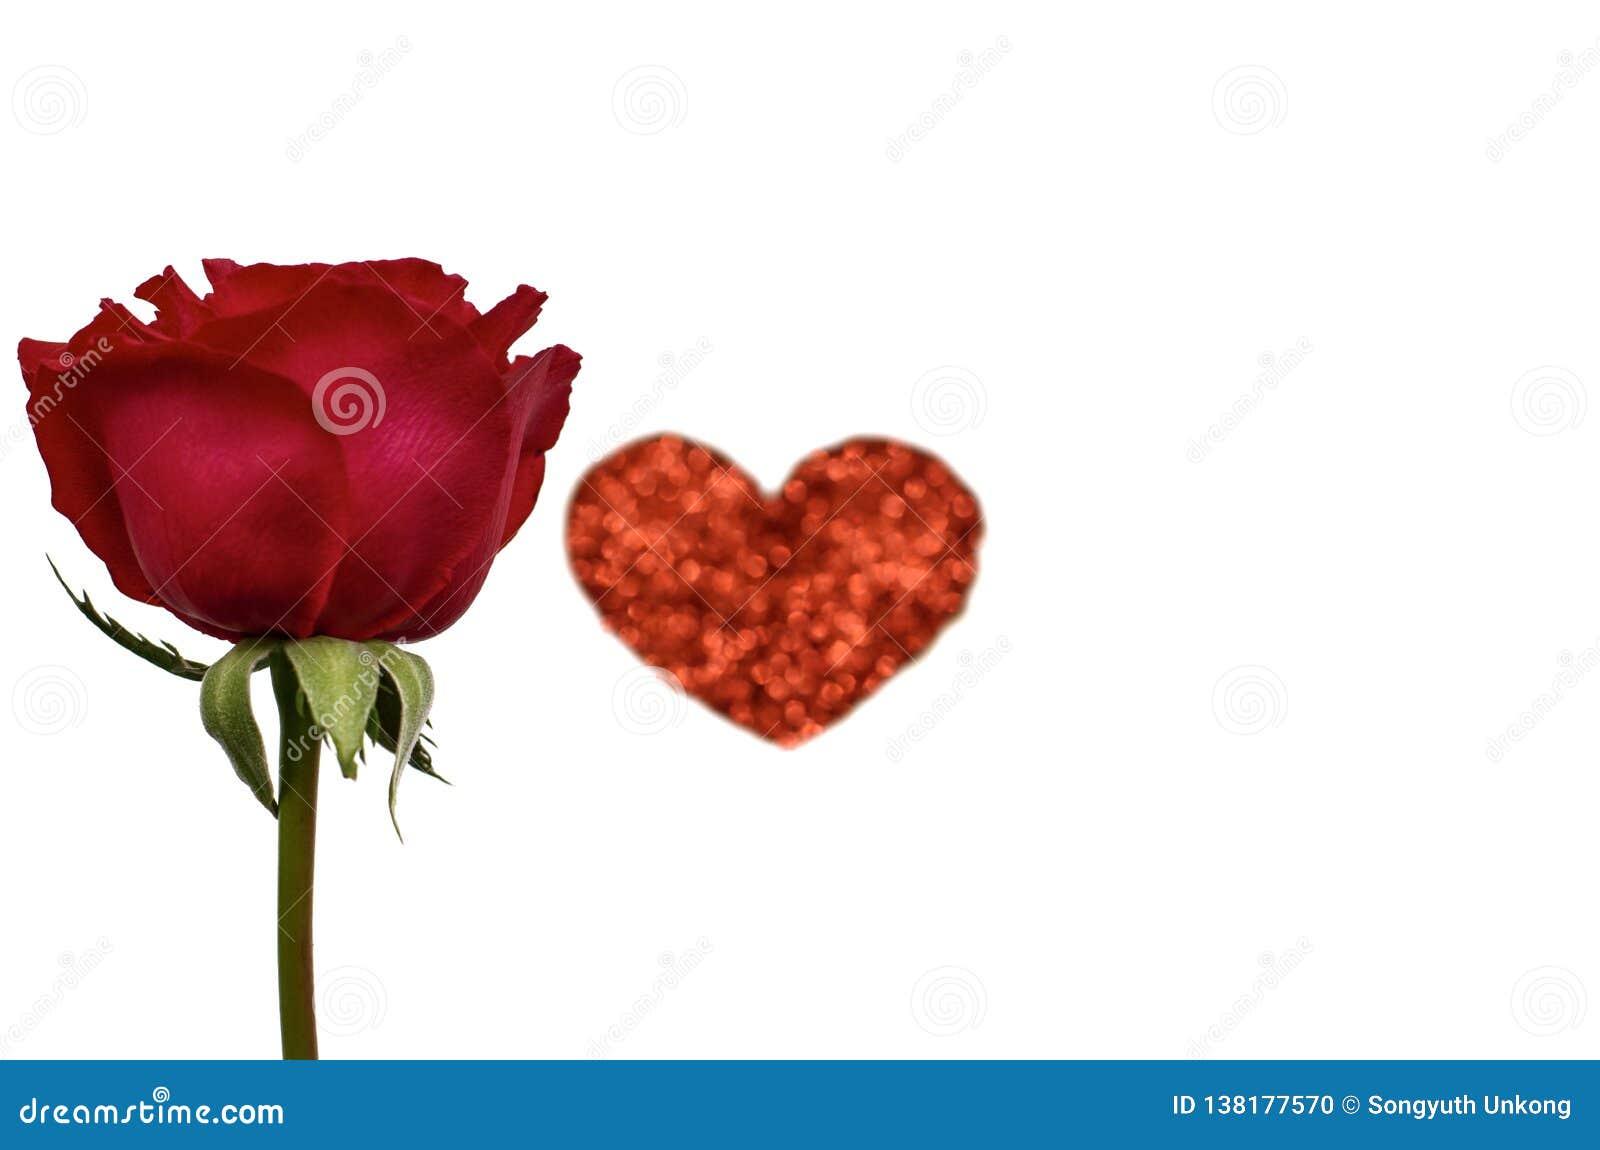 与红色心脏爱形状的一朵唯一红色玫瑰